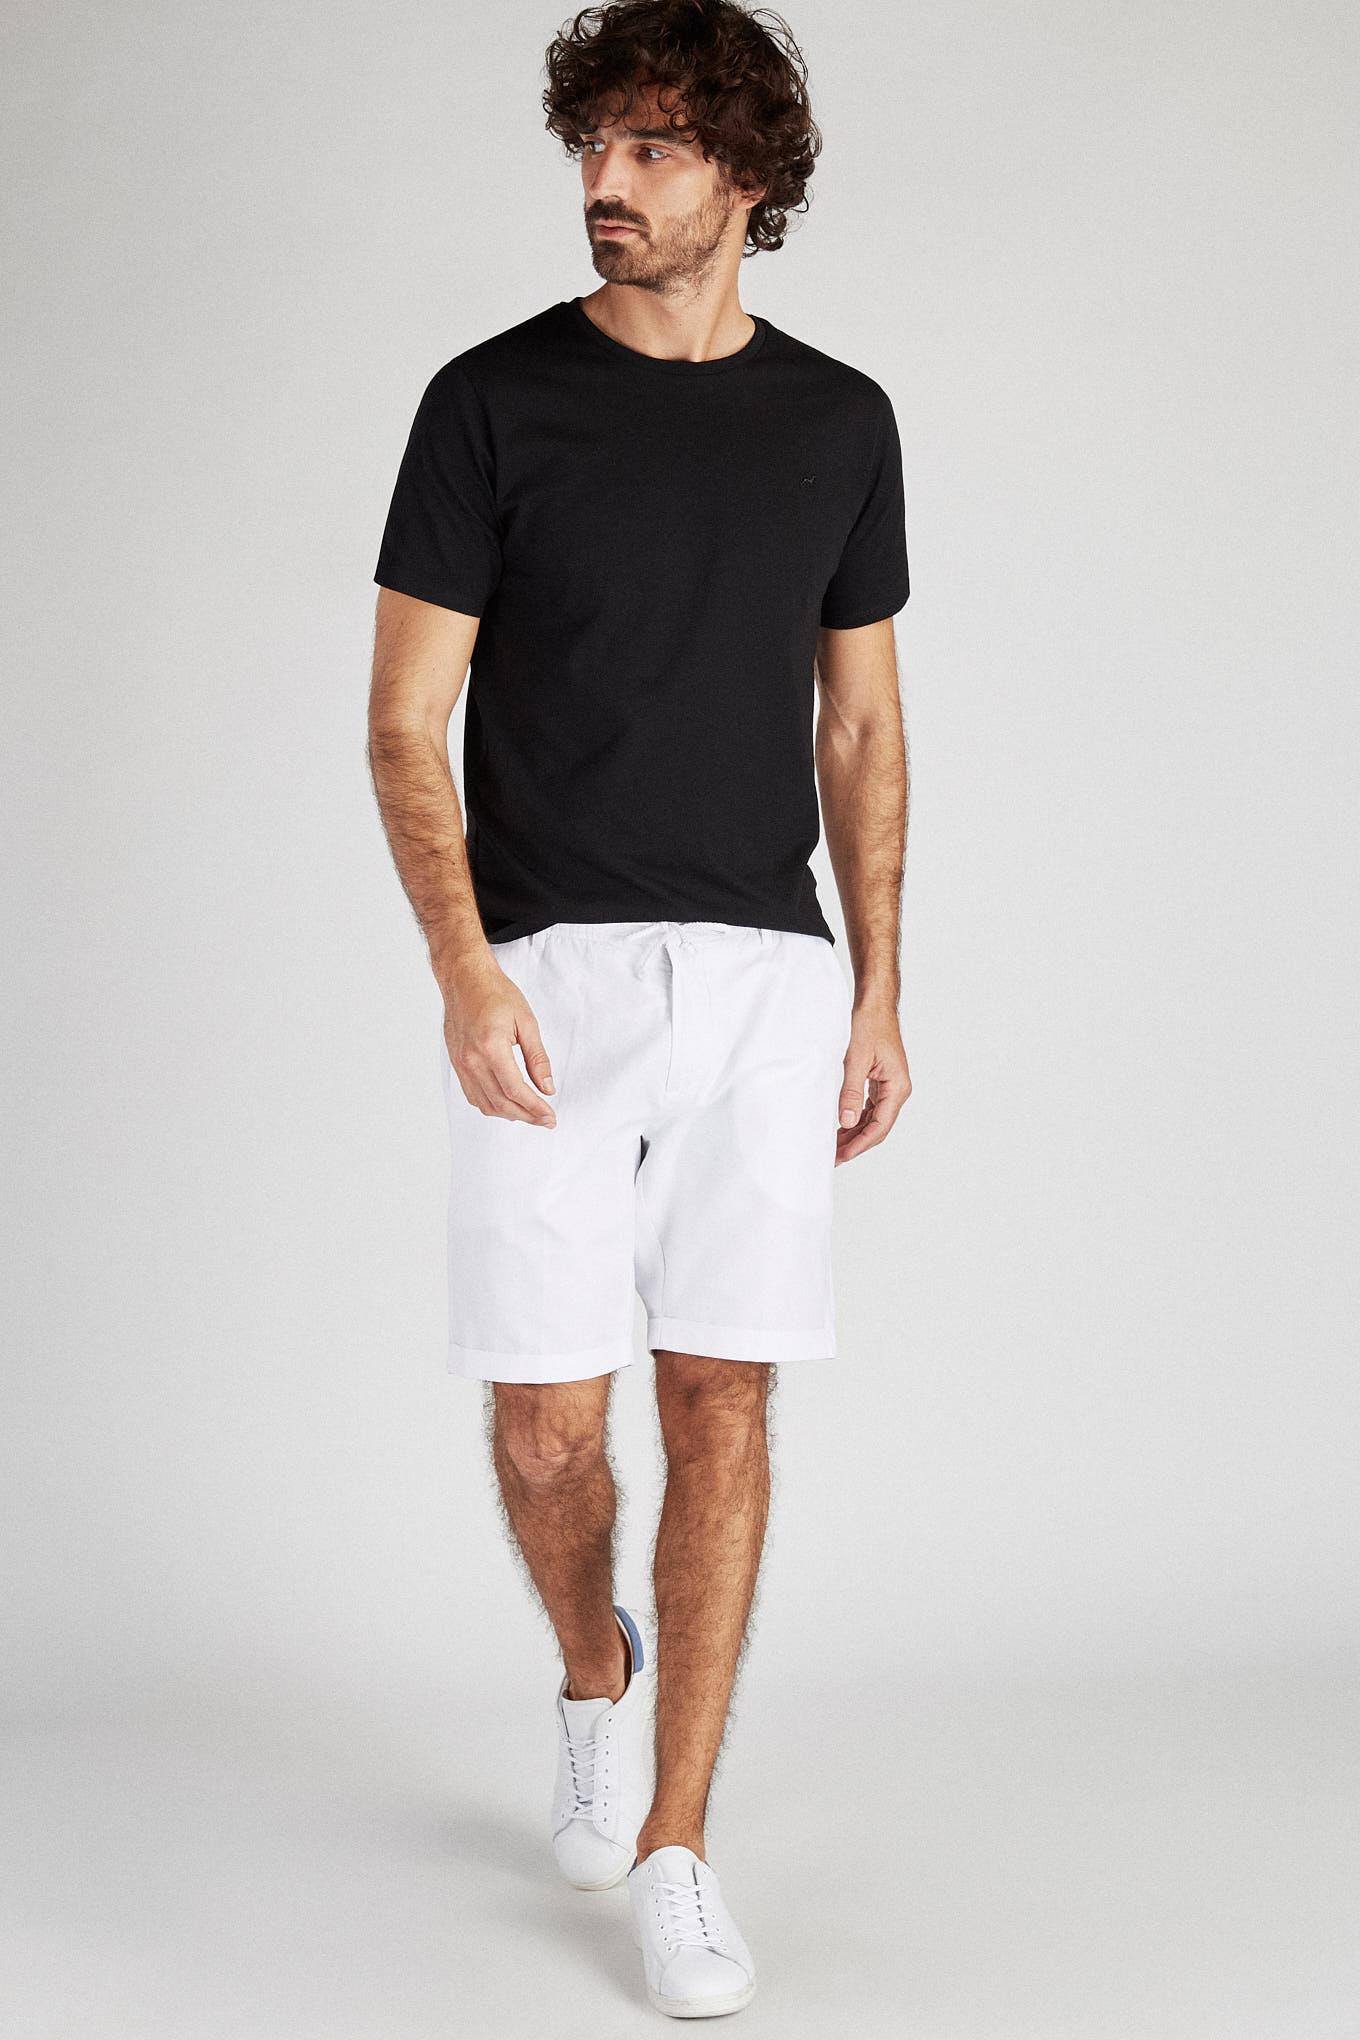 Bermuda Branco Casual Homem